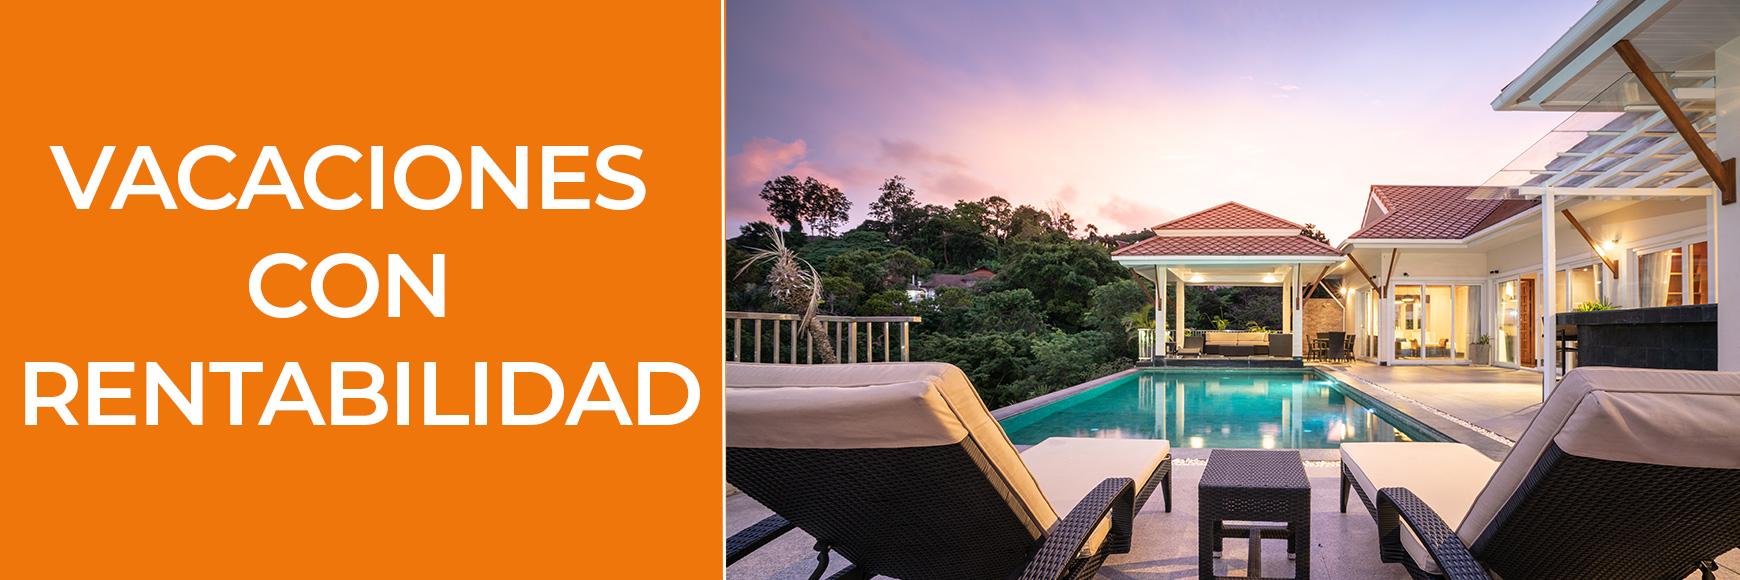 Casas vacacionales Banner-Orlando Homes Sales